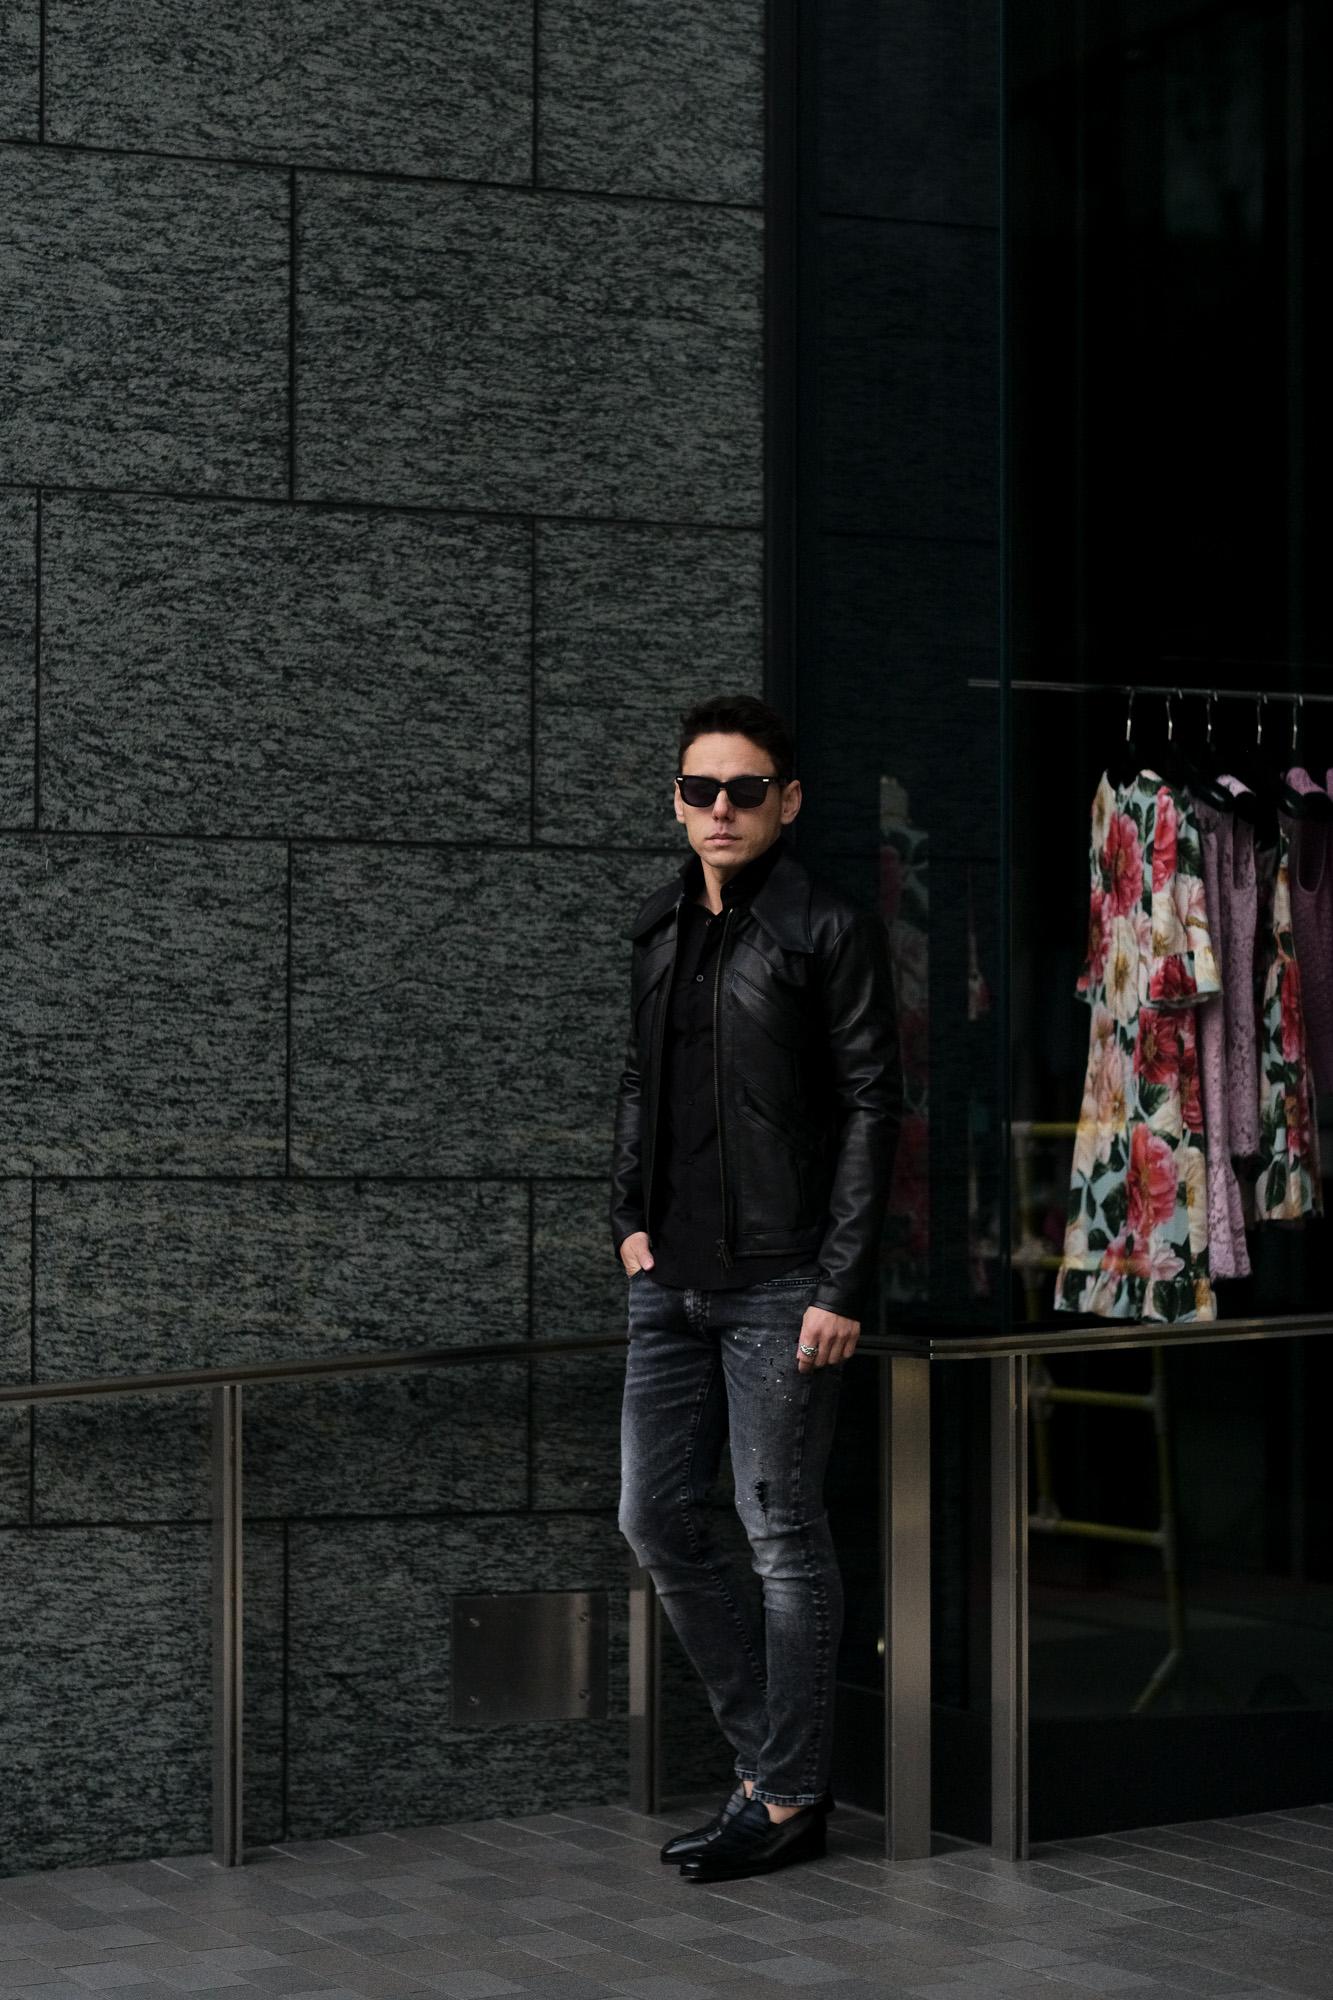 cuervo bopoha (クエルボ ヴァローナ) Satisfaction Leather Collection (サティスファクション レザー コレクション) East West (イーストウエスト) WINCHESTER (ウィンチェスター) BUFFALO LEATHER (バッファロー レザー) レザージャケット BLACK (ブラック) MADE IN JAPAN (日本製) 2021 愛知 名古屋 altoediritto アルトエデリット